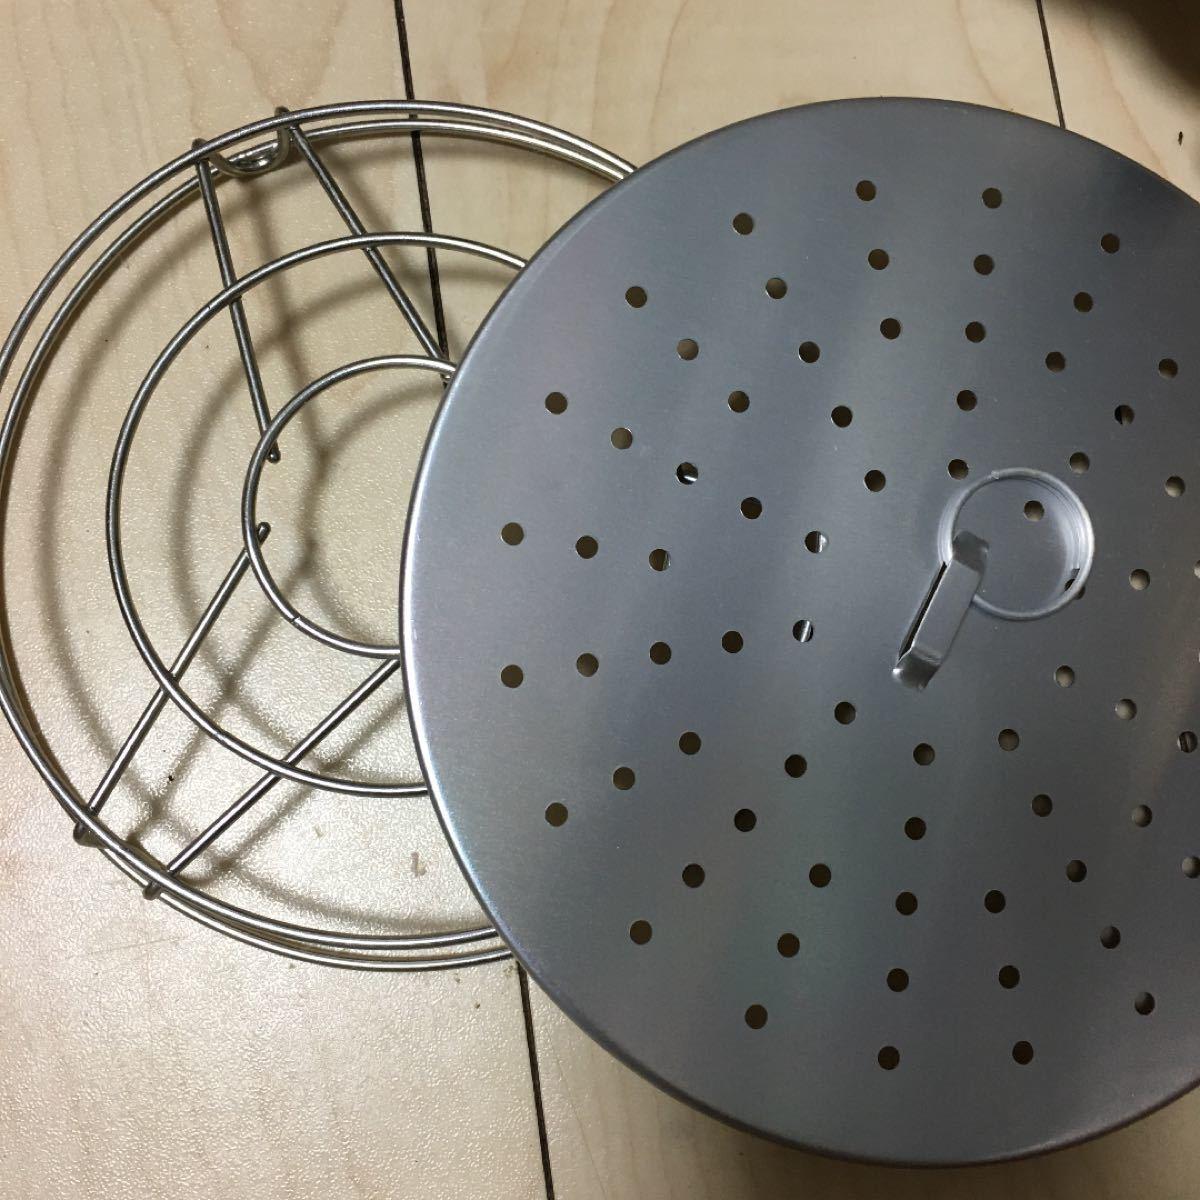 siroca 電気圧力鍋